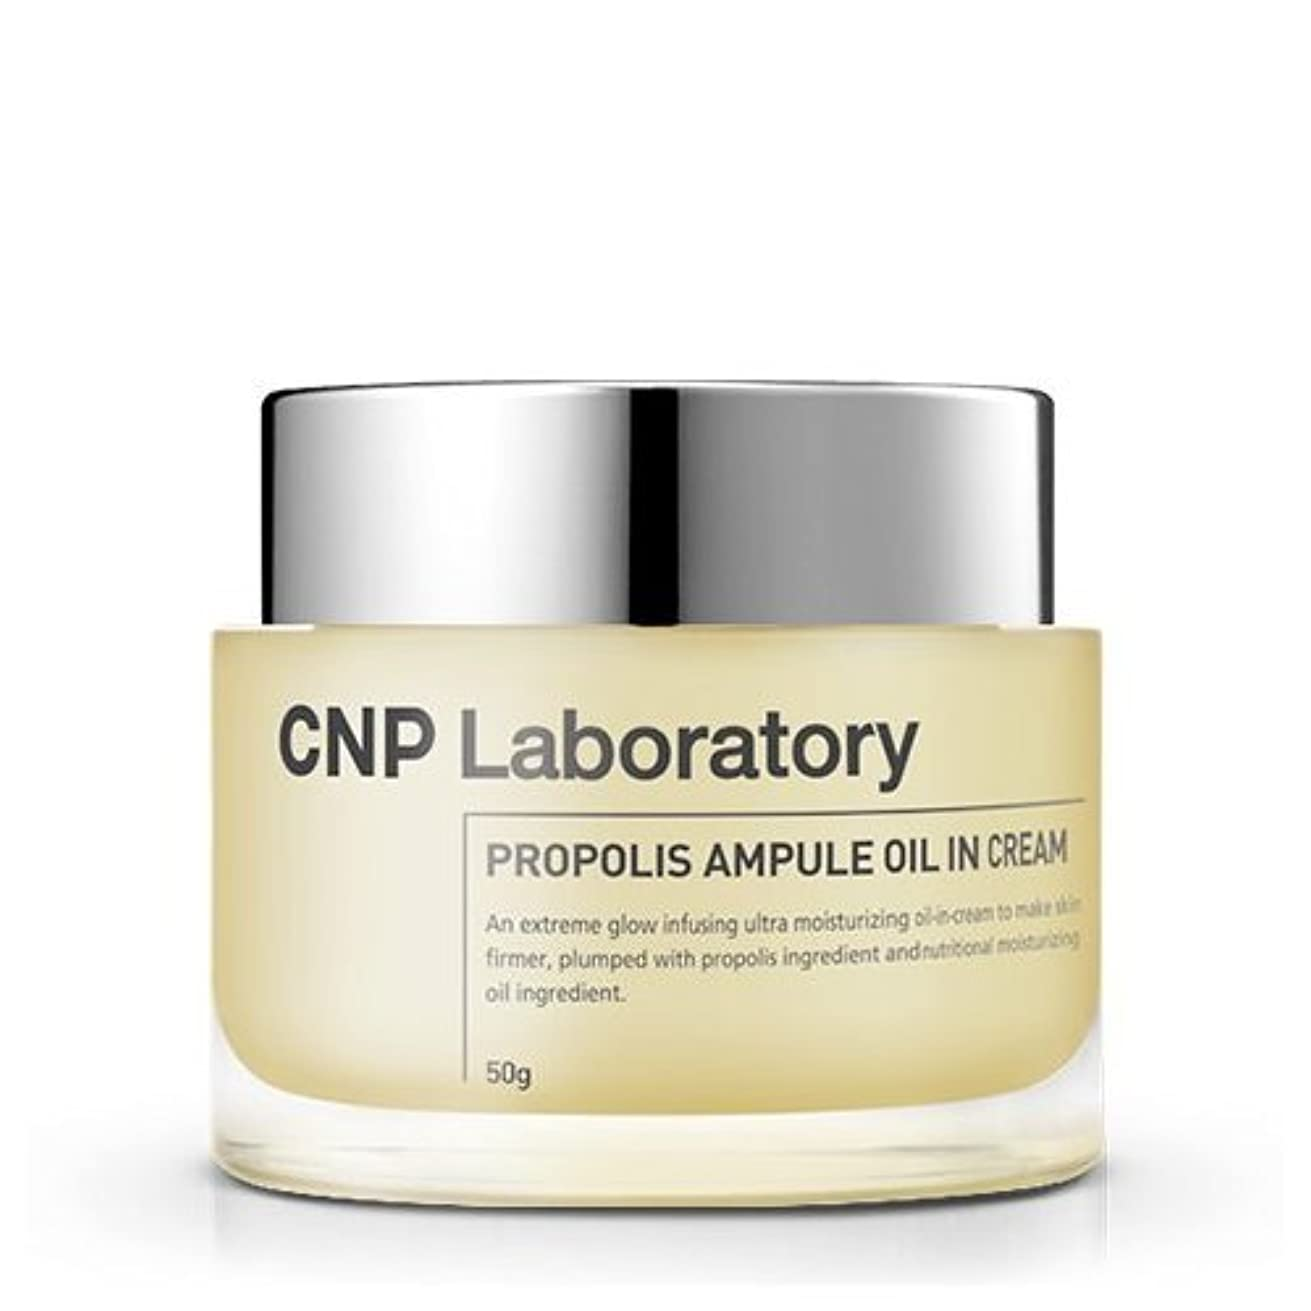 差し控える精巧な大CNP Laboratory プロポリスアンプルオイルインクリーム50ミリリットル